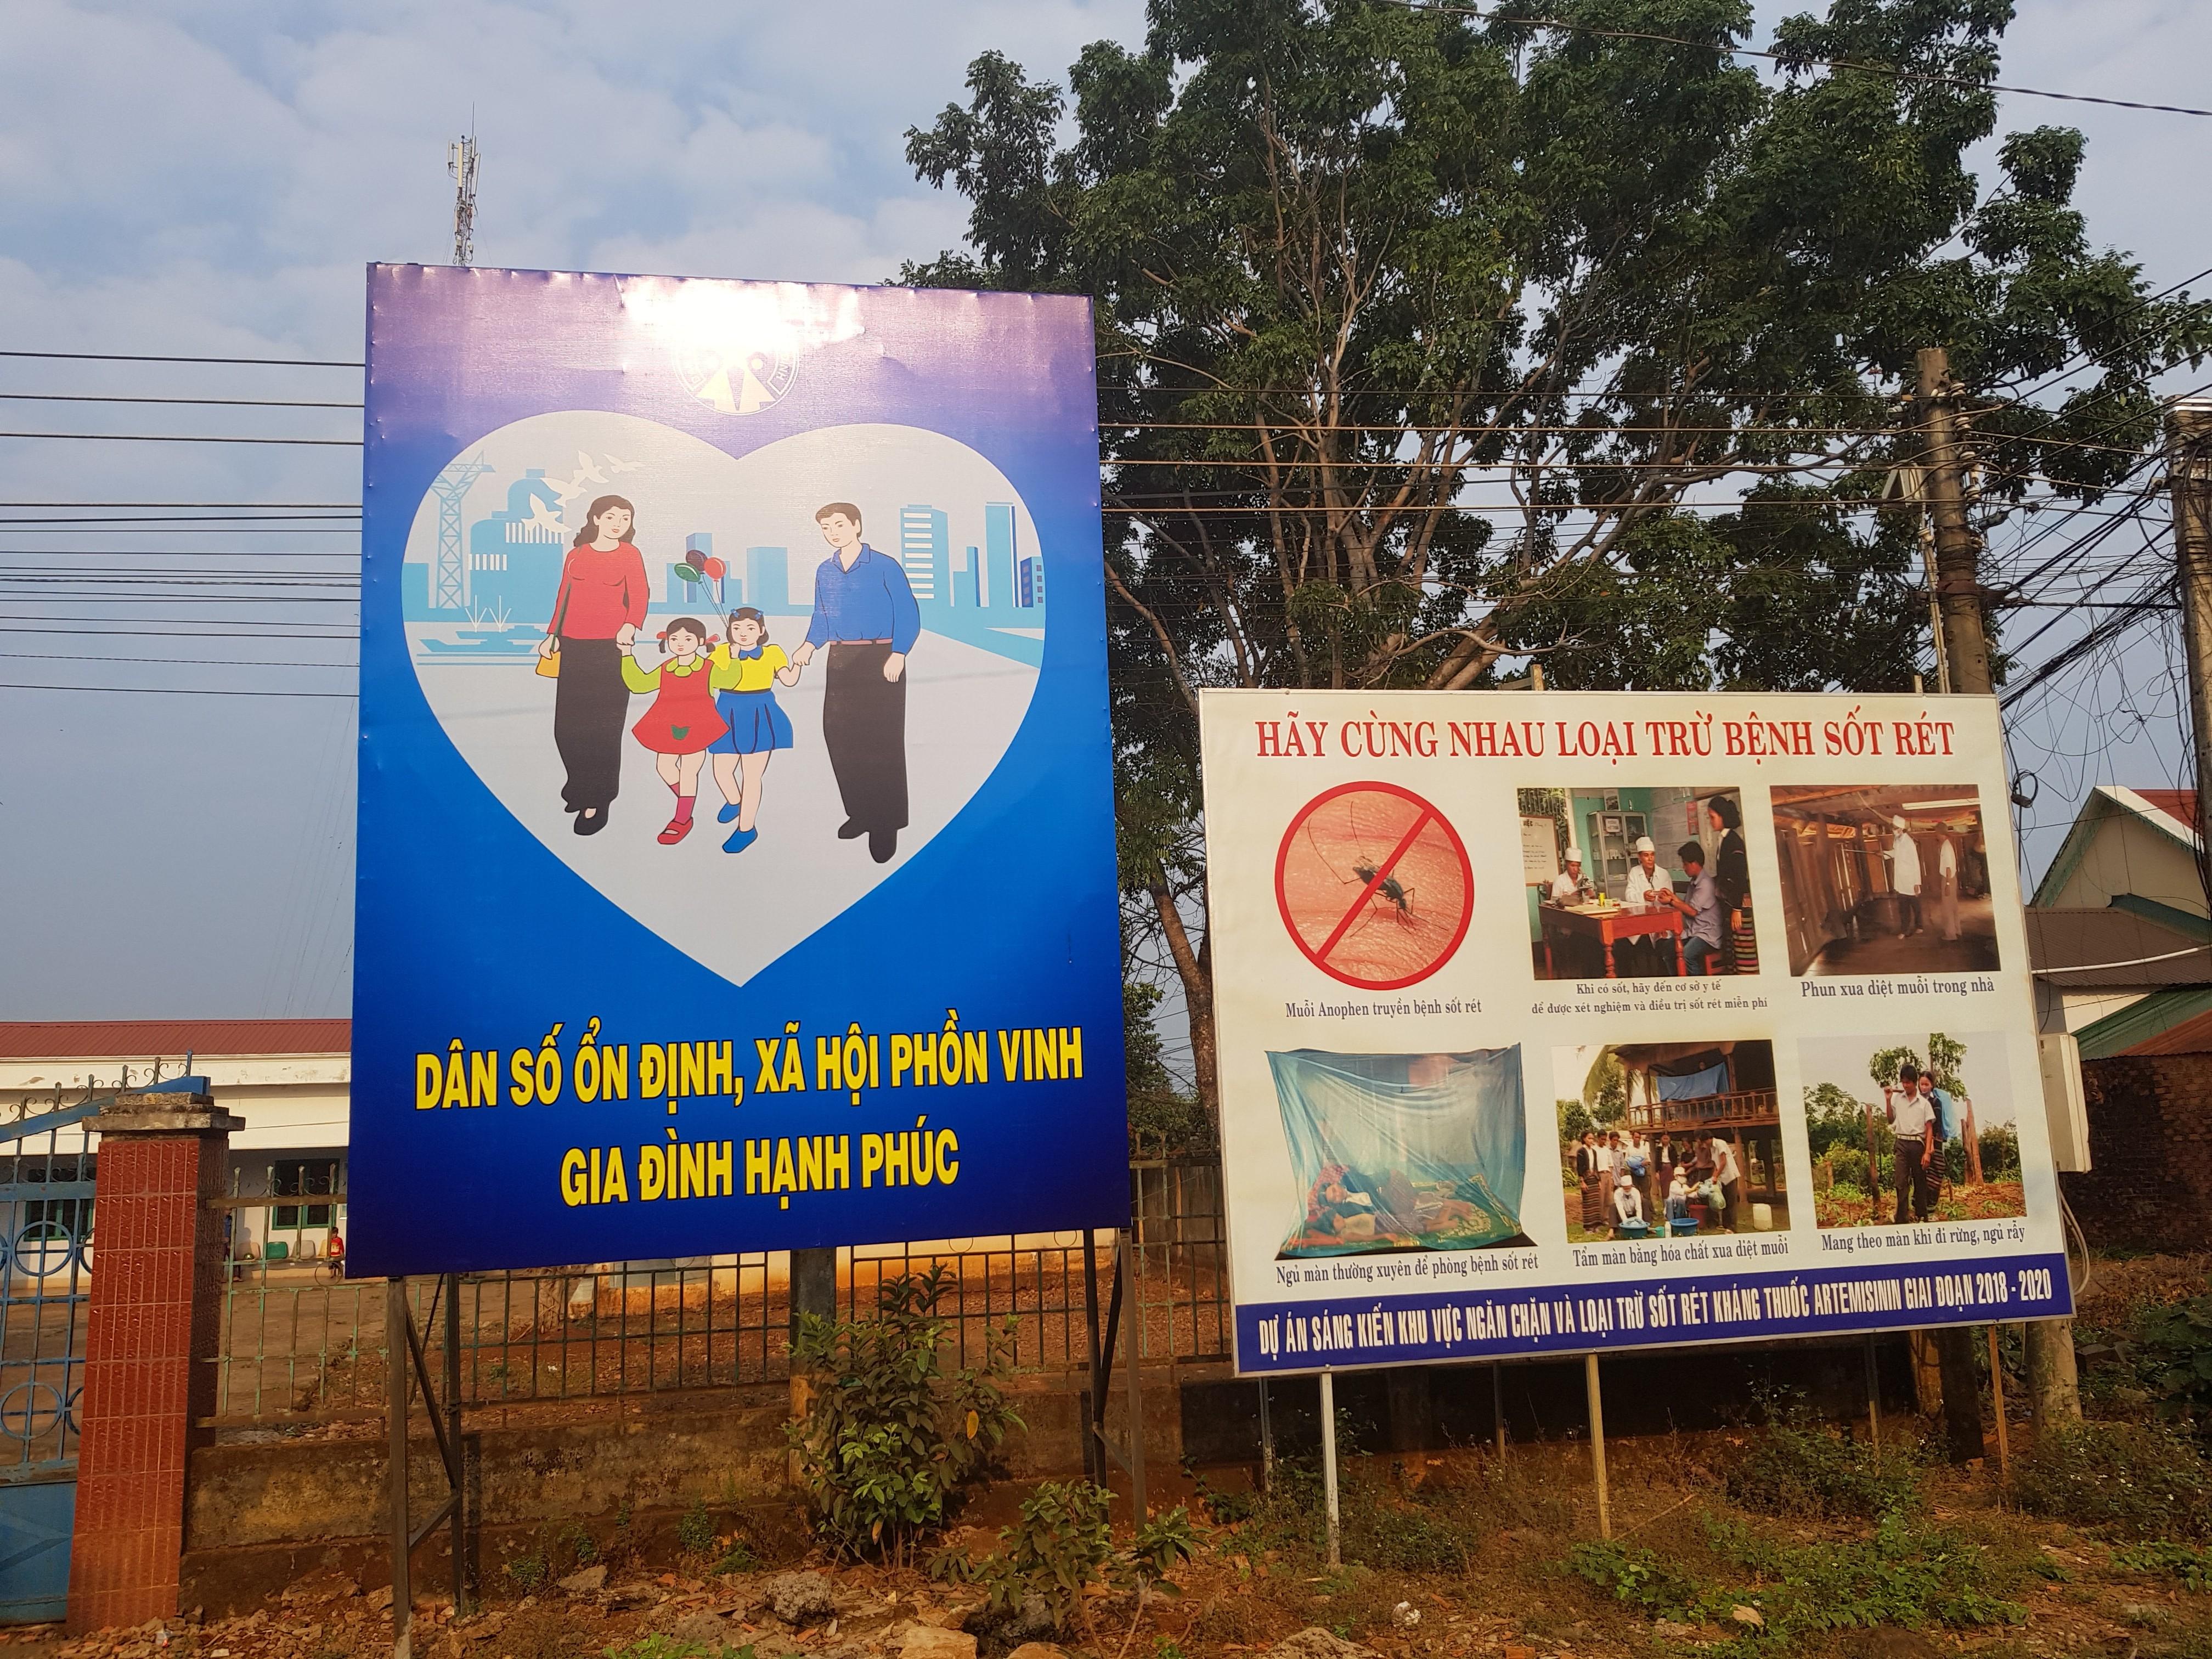 Các banner được dựng ở nơi có nhiều người dân qua lại để tăng tỉ lệ tiếp cận thông tin